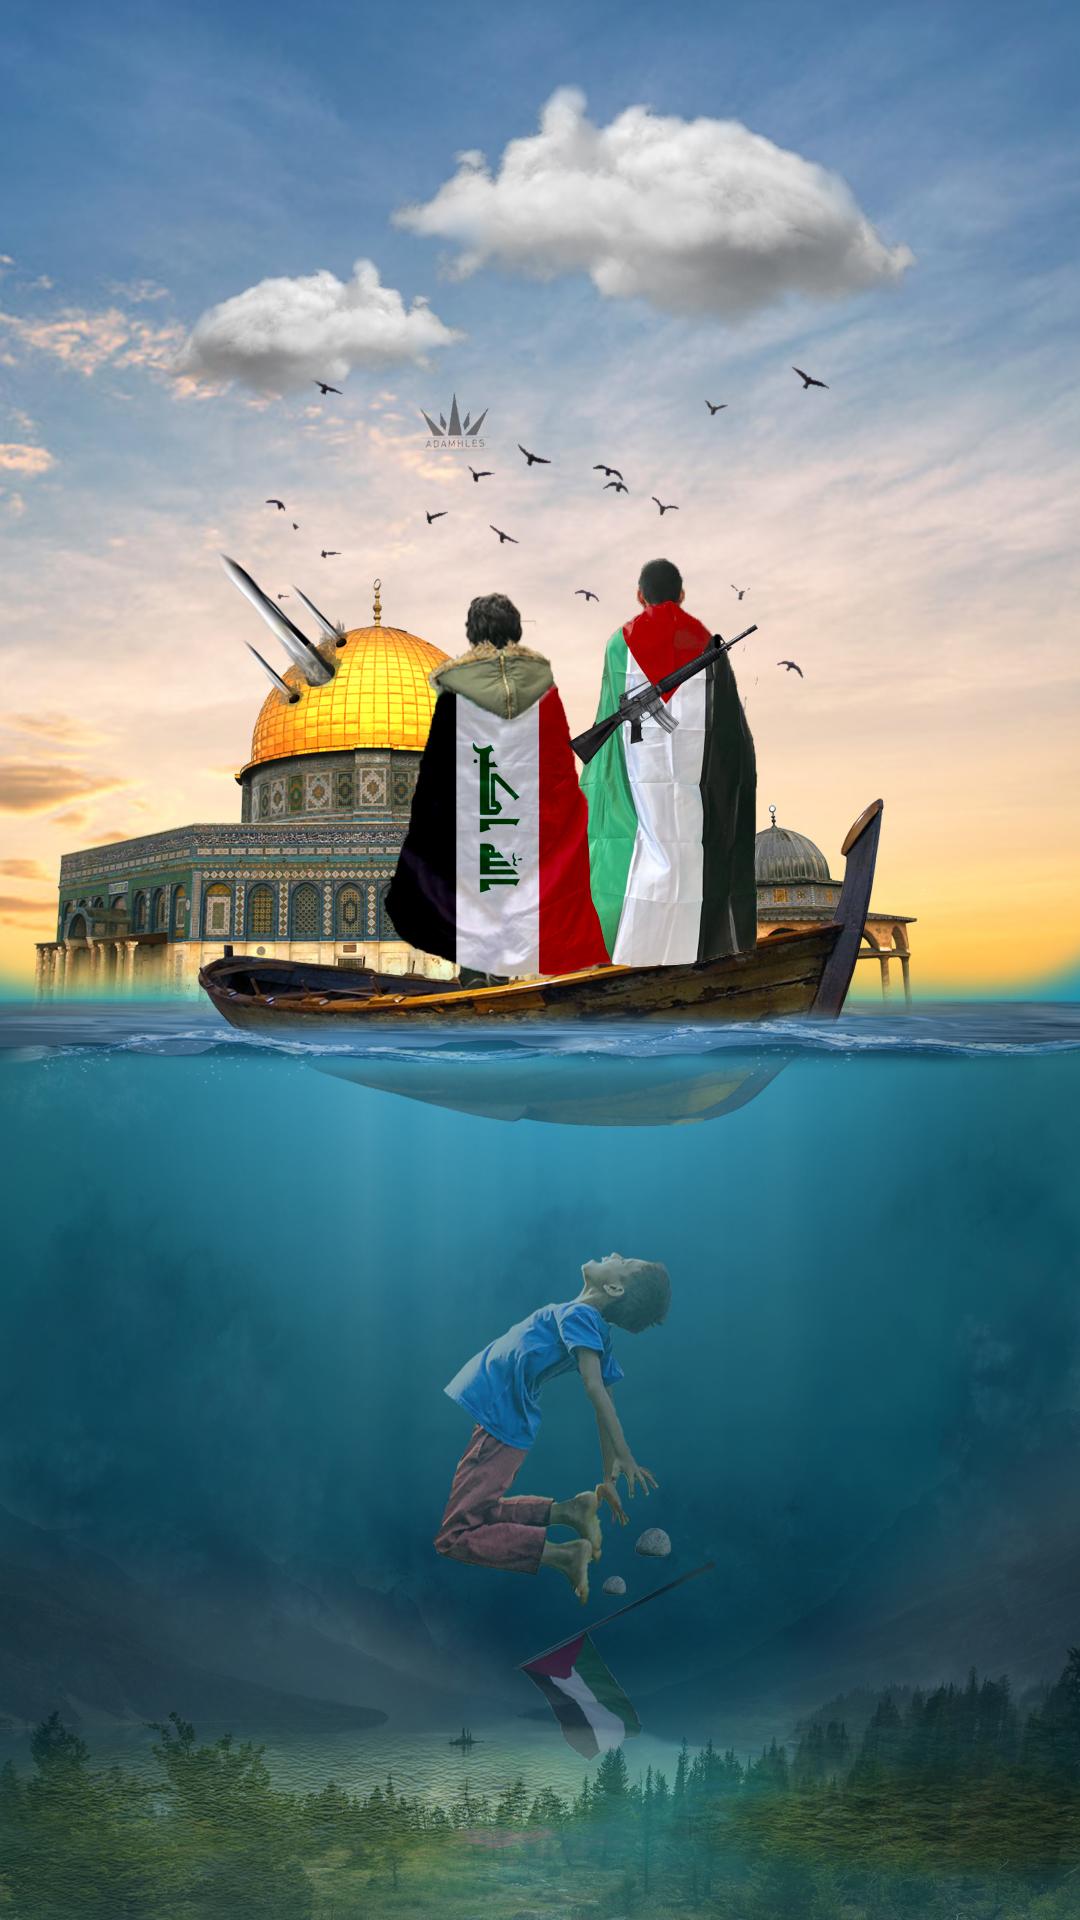 اجمل خلفية تصامن مع فلسطين علم العراق وعلم فلسطين Flag Palestine and Iraq